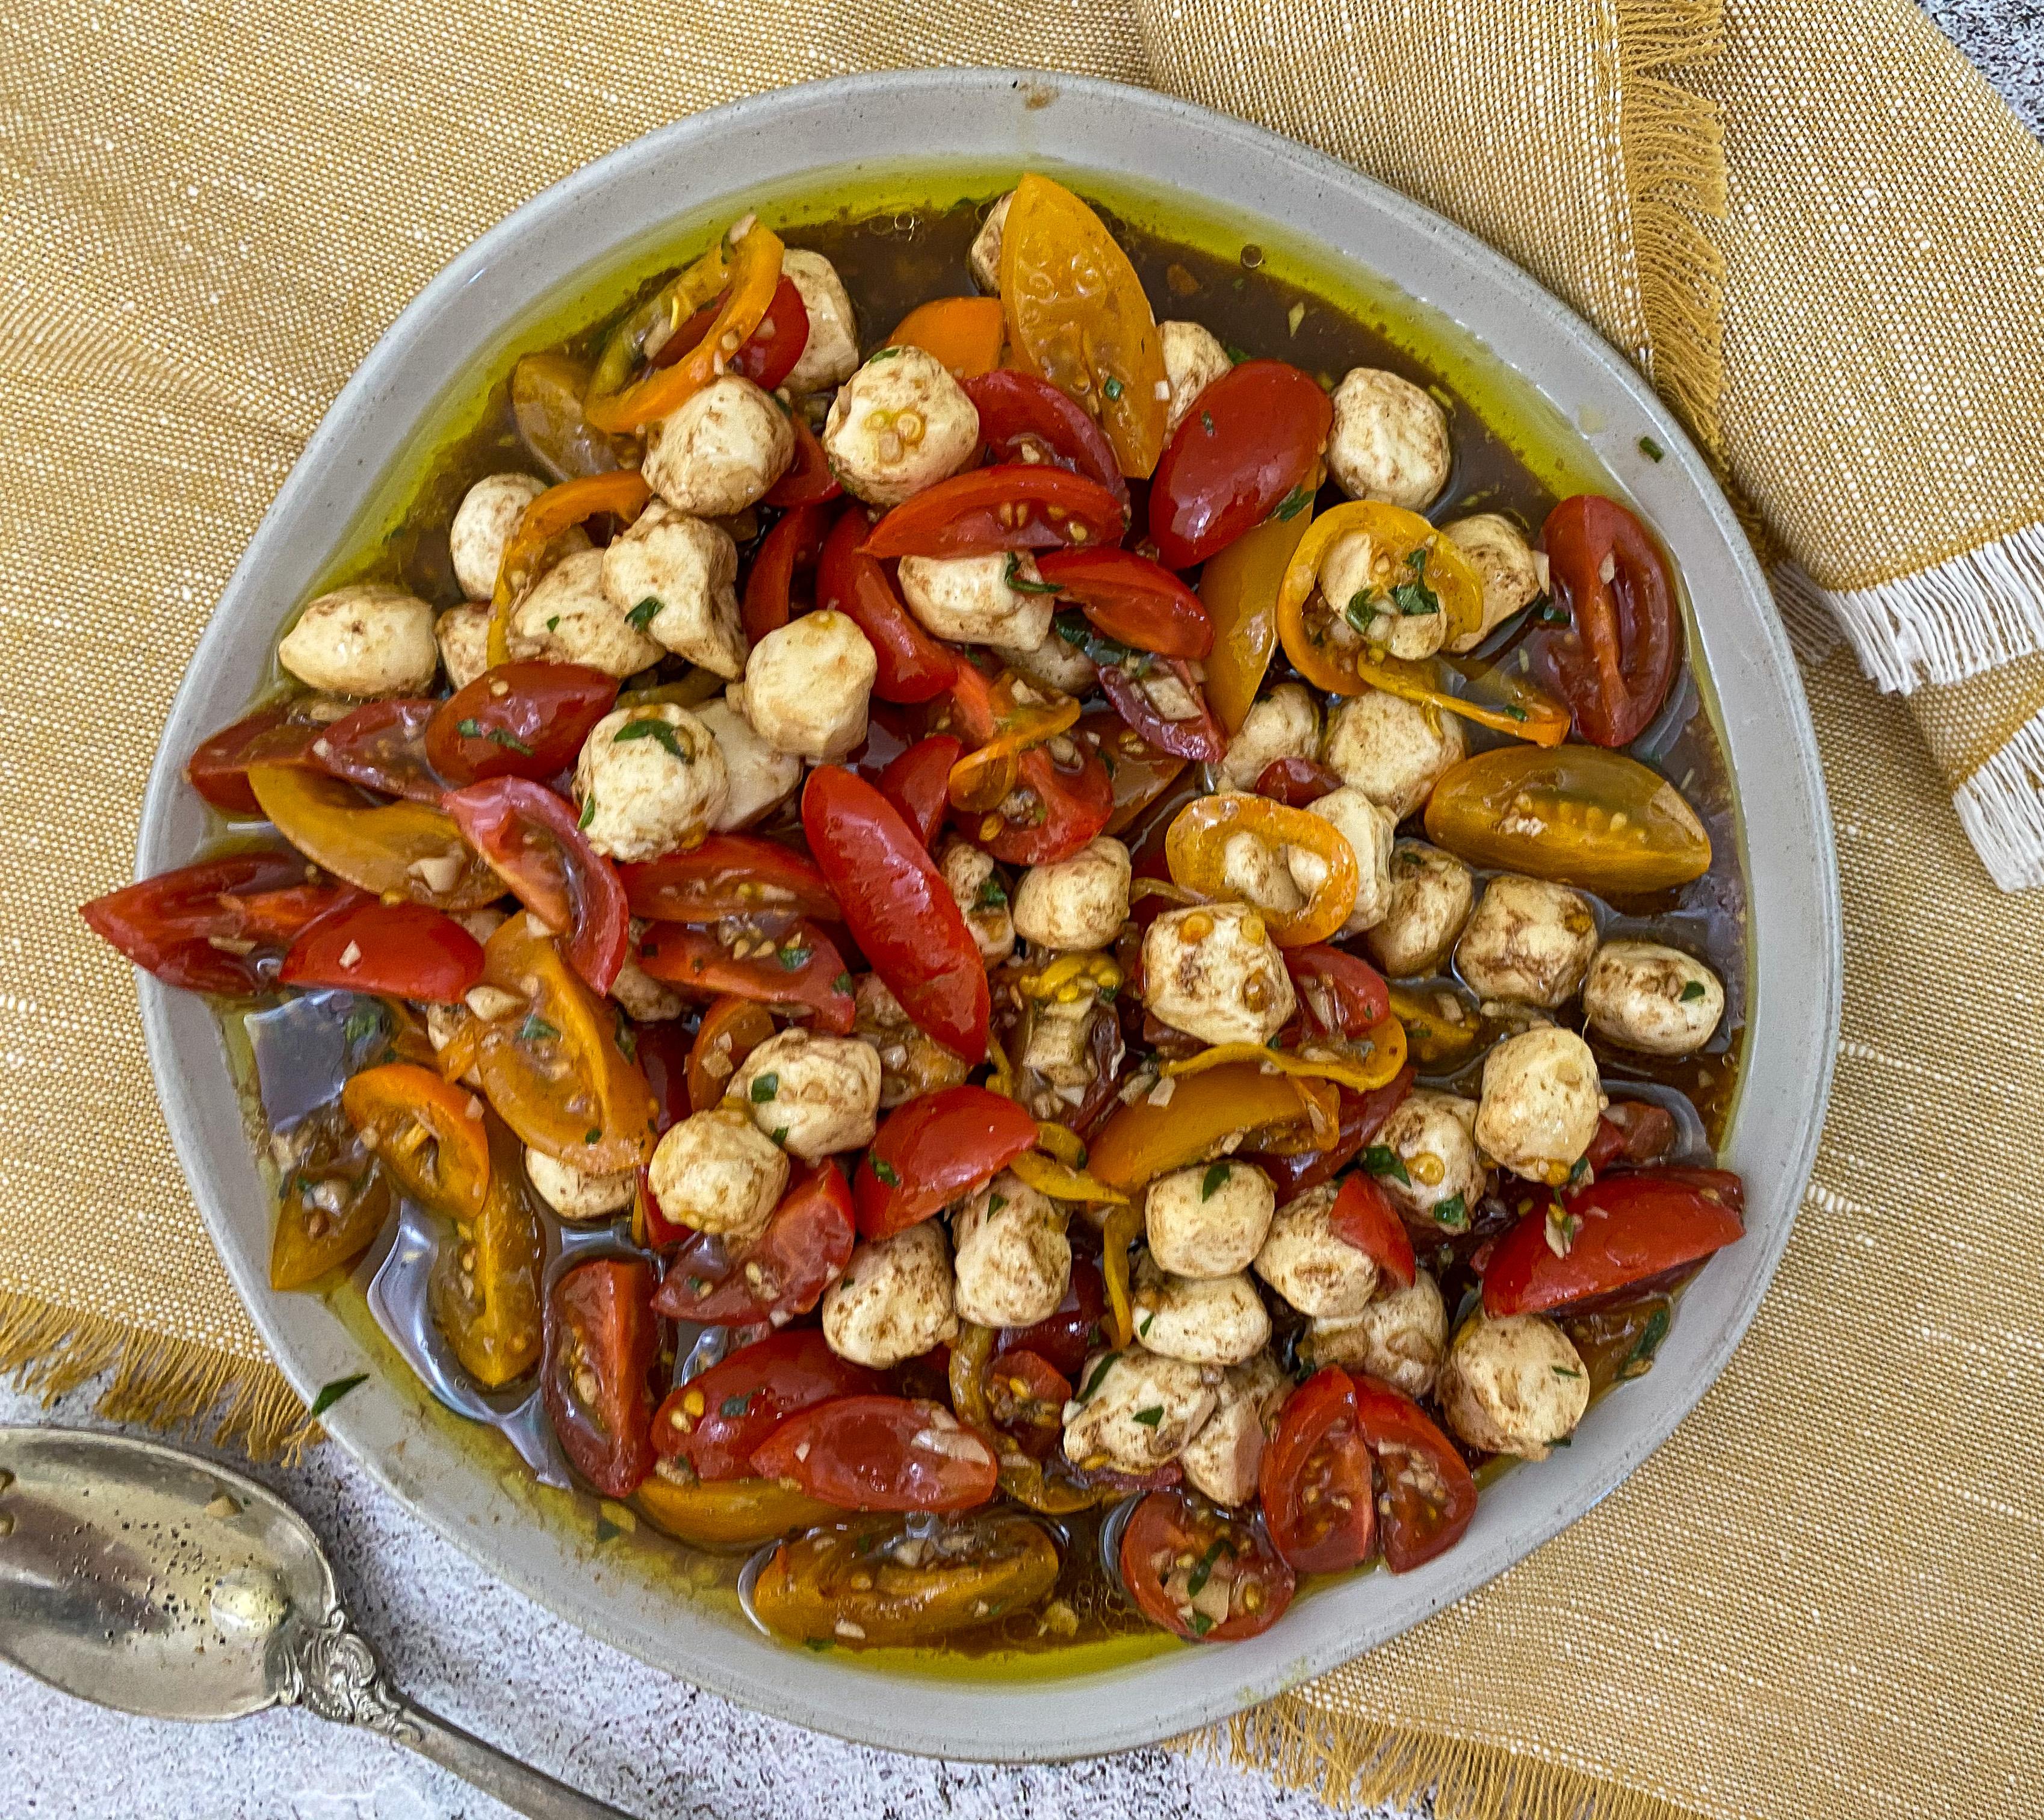 Marinated Cherry Tomato & Mozzarella